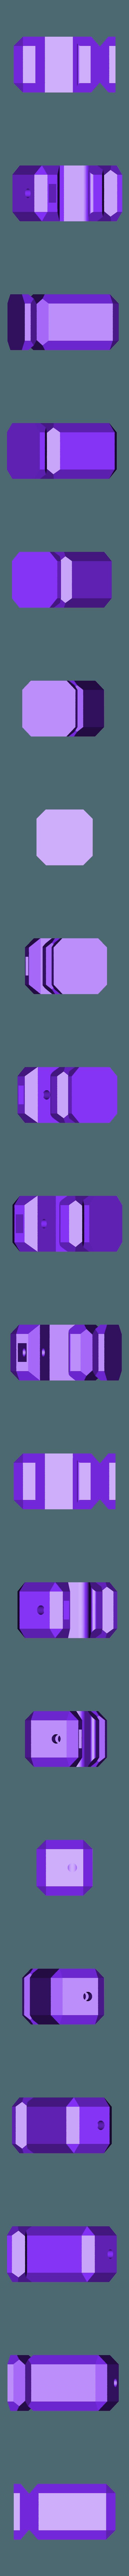 Bosshead_PCB_mount.stl Télécharger fichier STL gratuit Kit de supports, de pinces et d'équipement • Modèle pour impression 3D, TinkersProjects